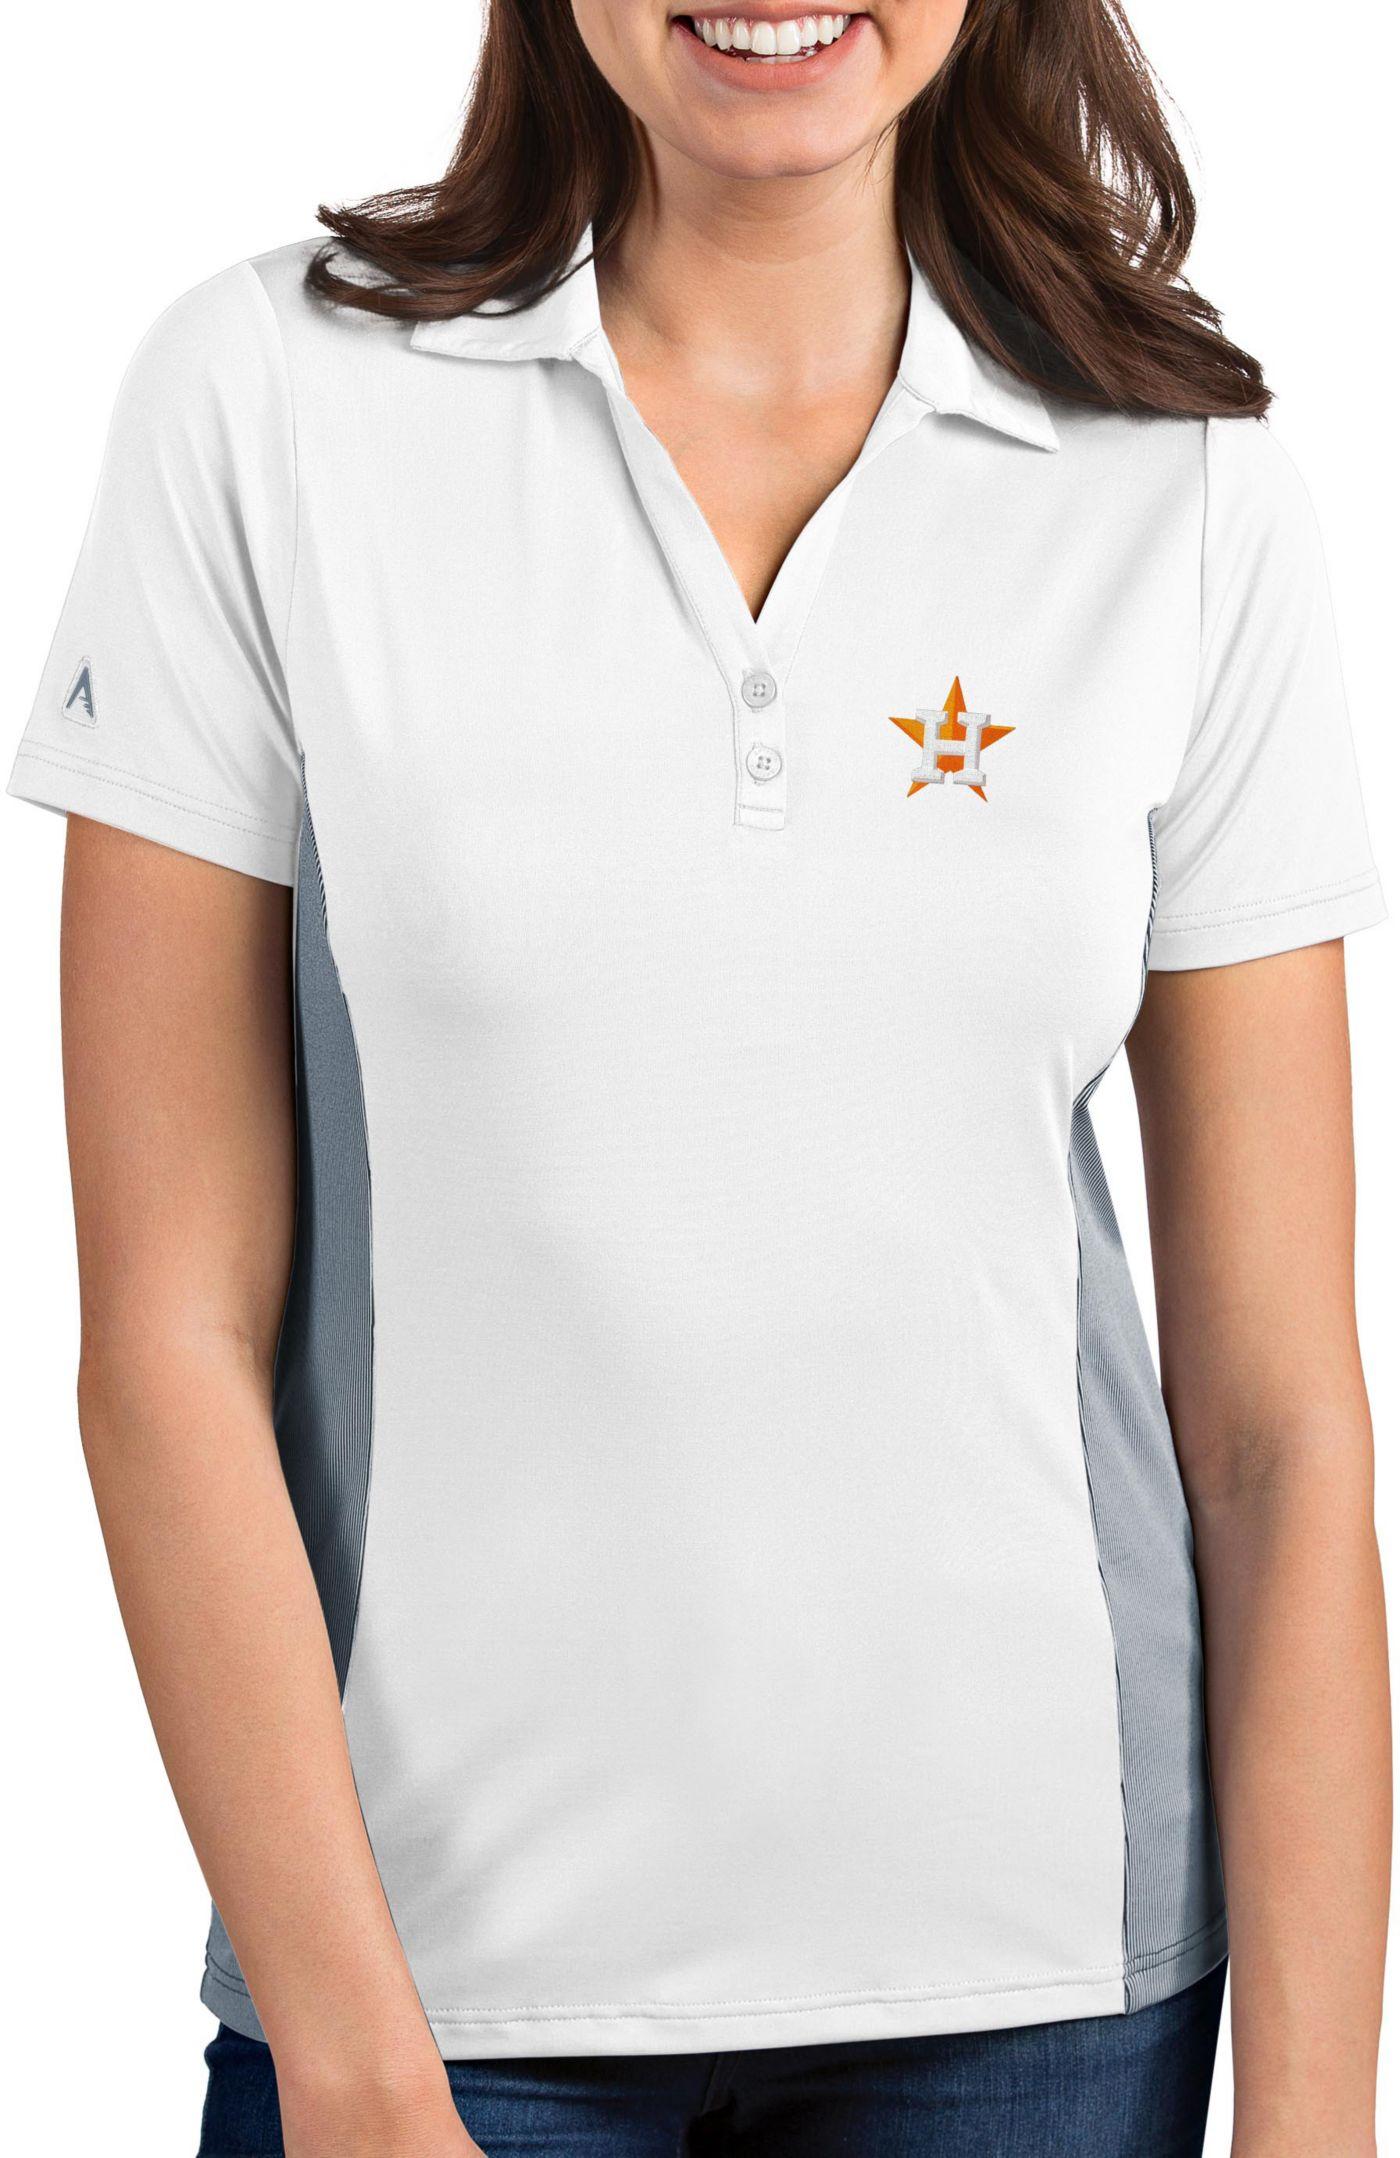 Antigua Women's Houston Astros Venture White Performance Polo